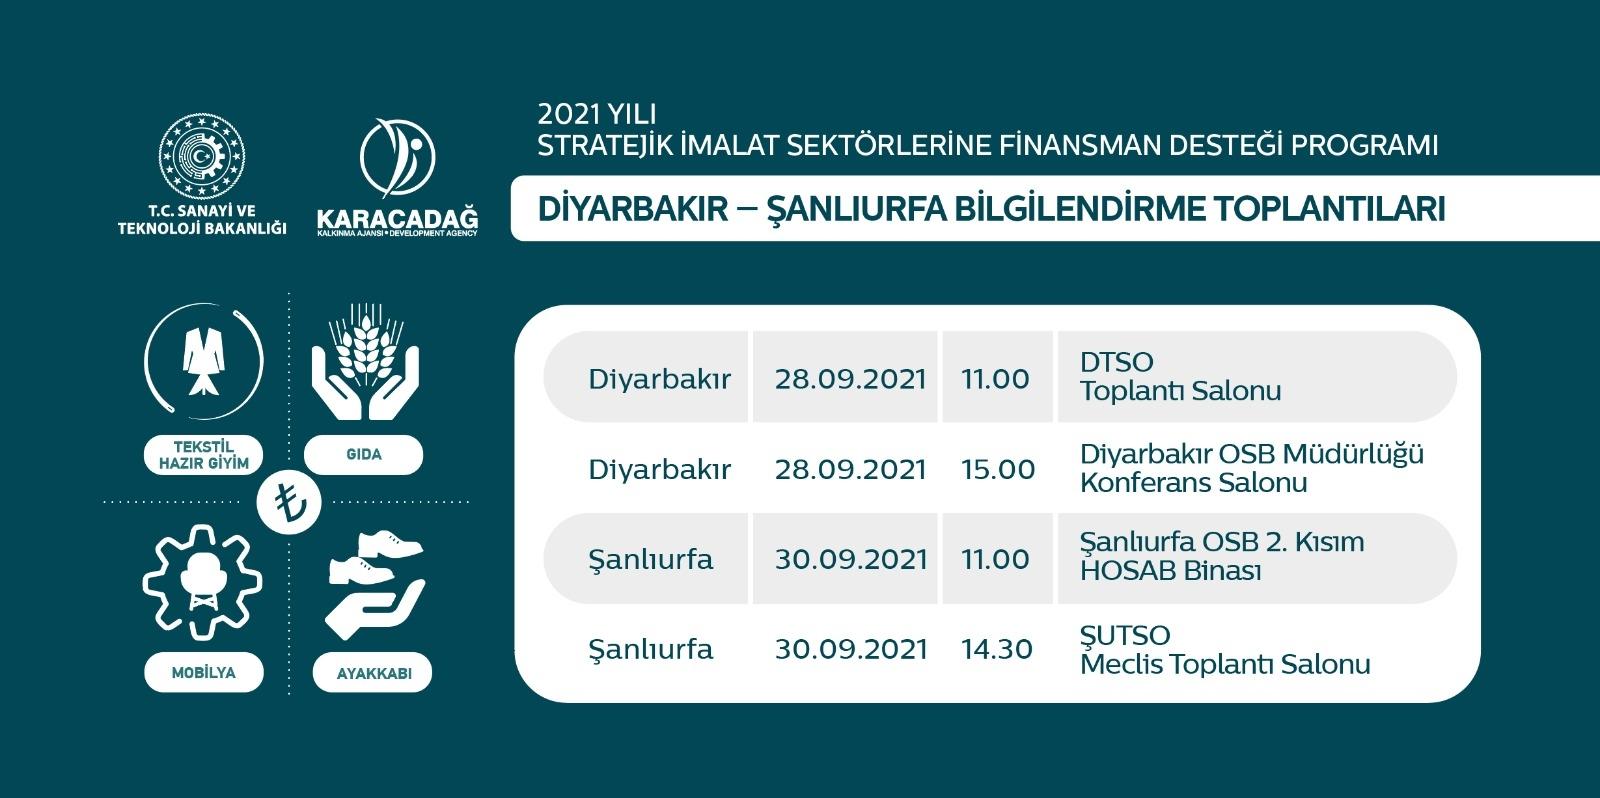 2021 Yılı FİNDES Programı Bilgilendirme Toplantıları Devam Ediyor